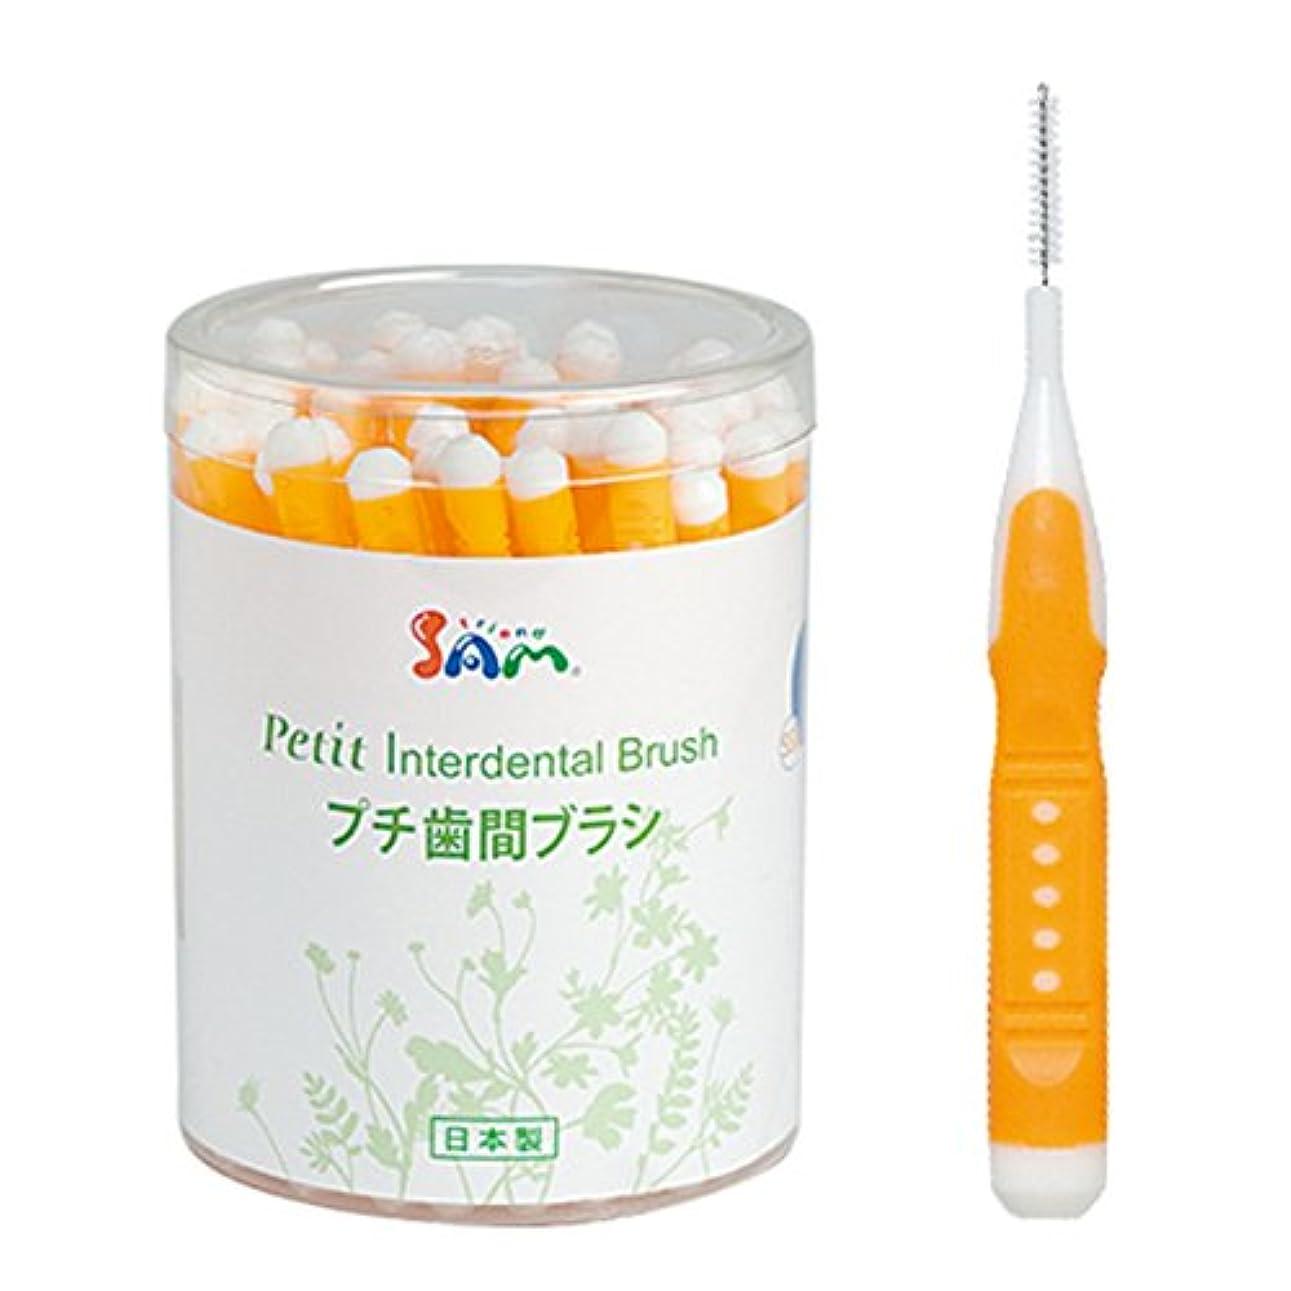 投資する浴室補助金サムフレンド プチ歯間ブラシ I型 50本入 (SSS(オレンジ))